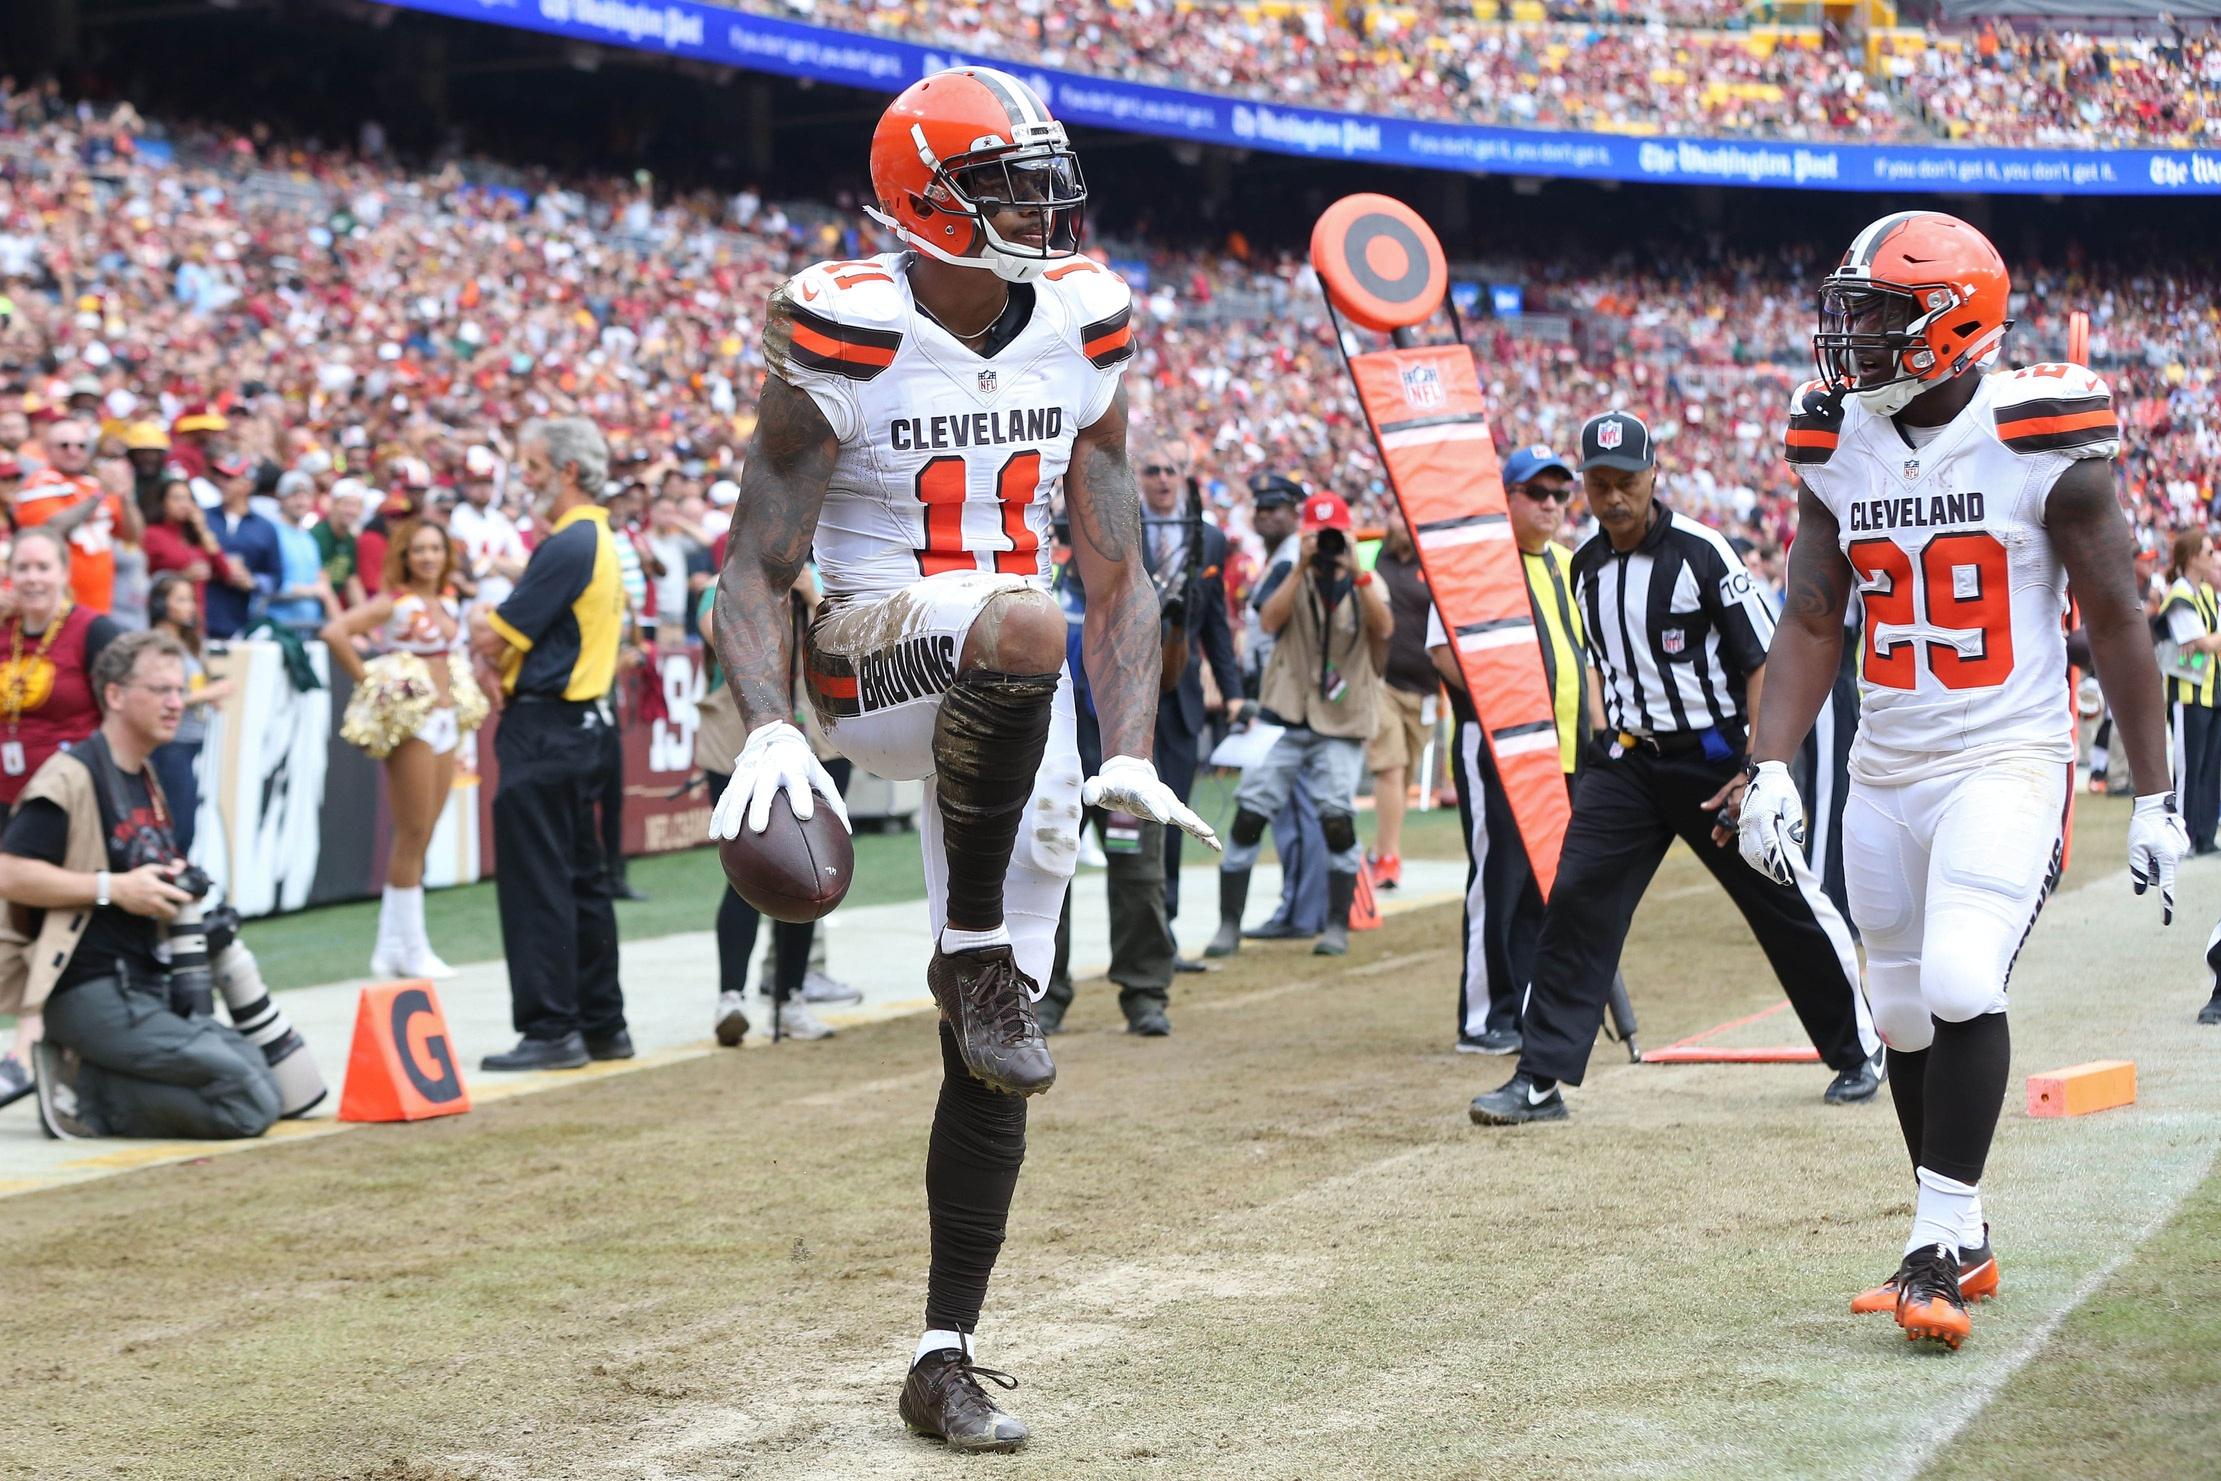 NFL free agents, Terrelle Pryor